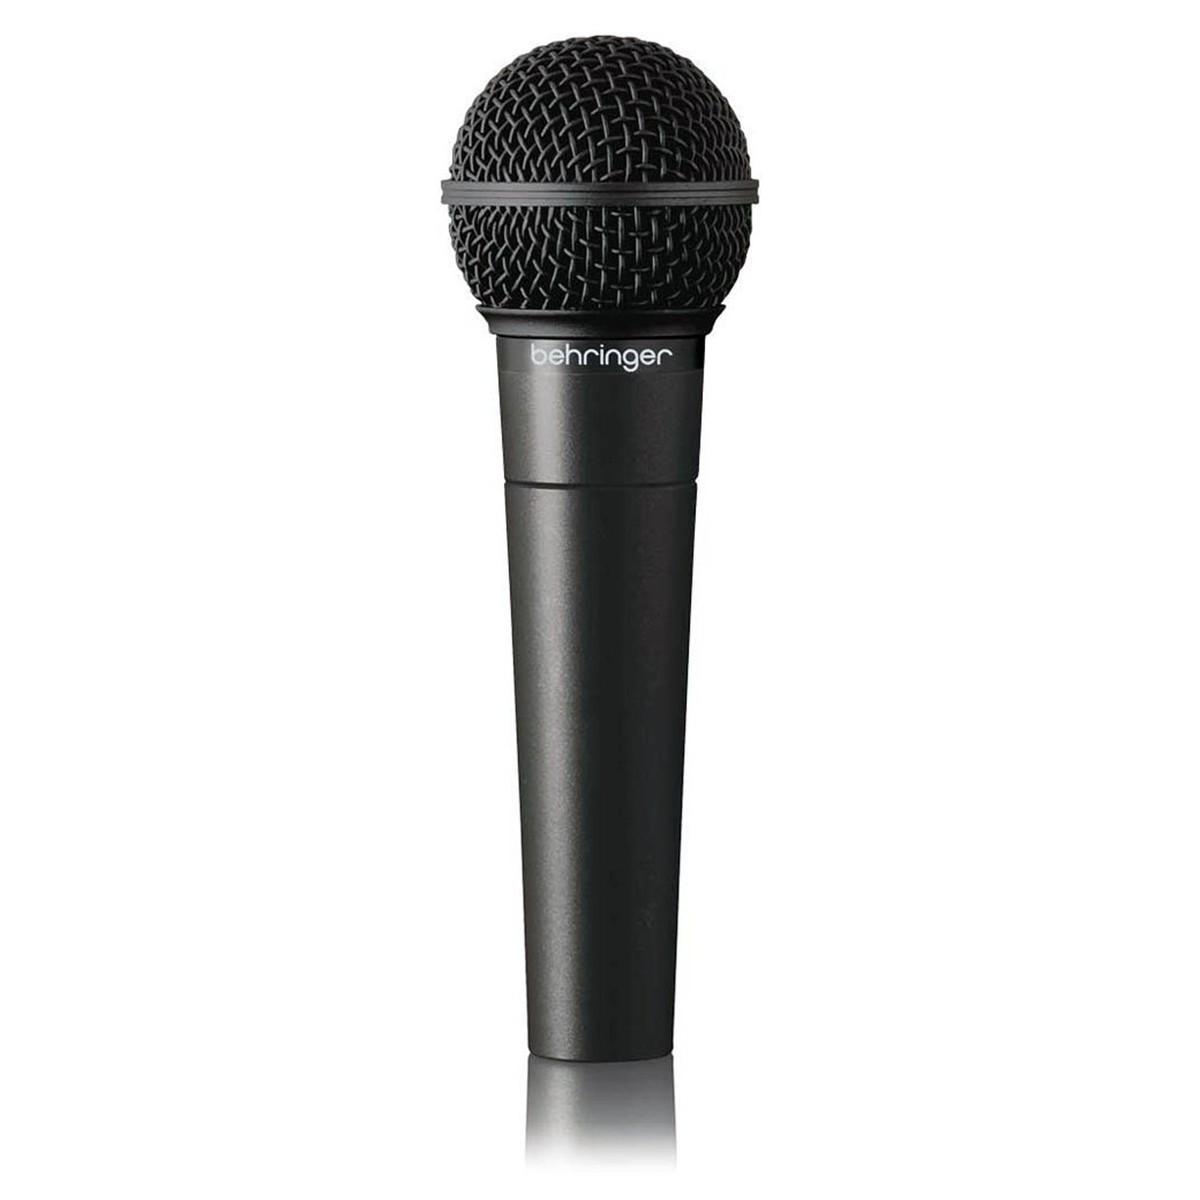 micrófono dinámico o condensador